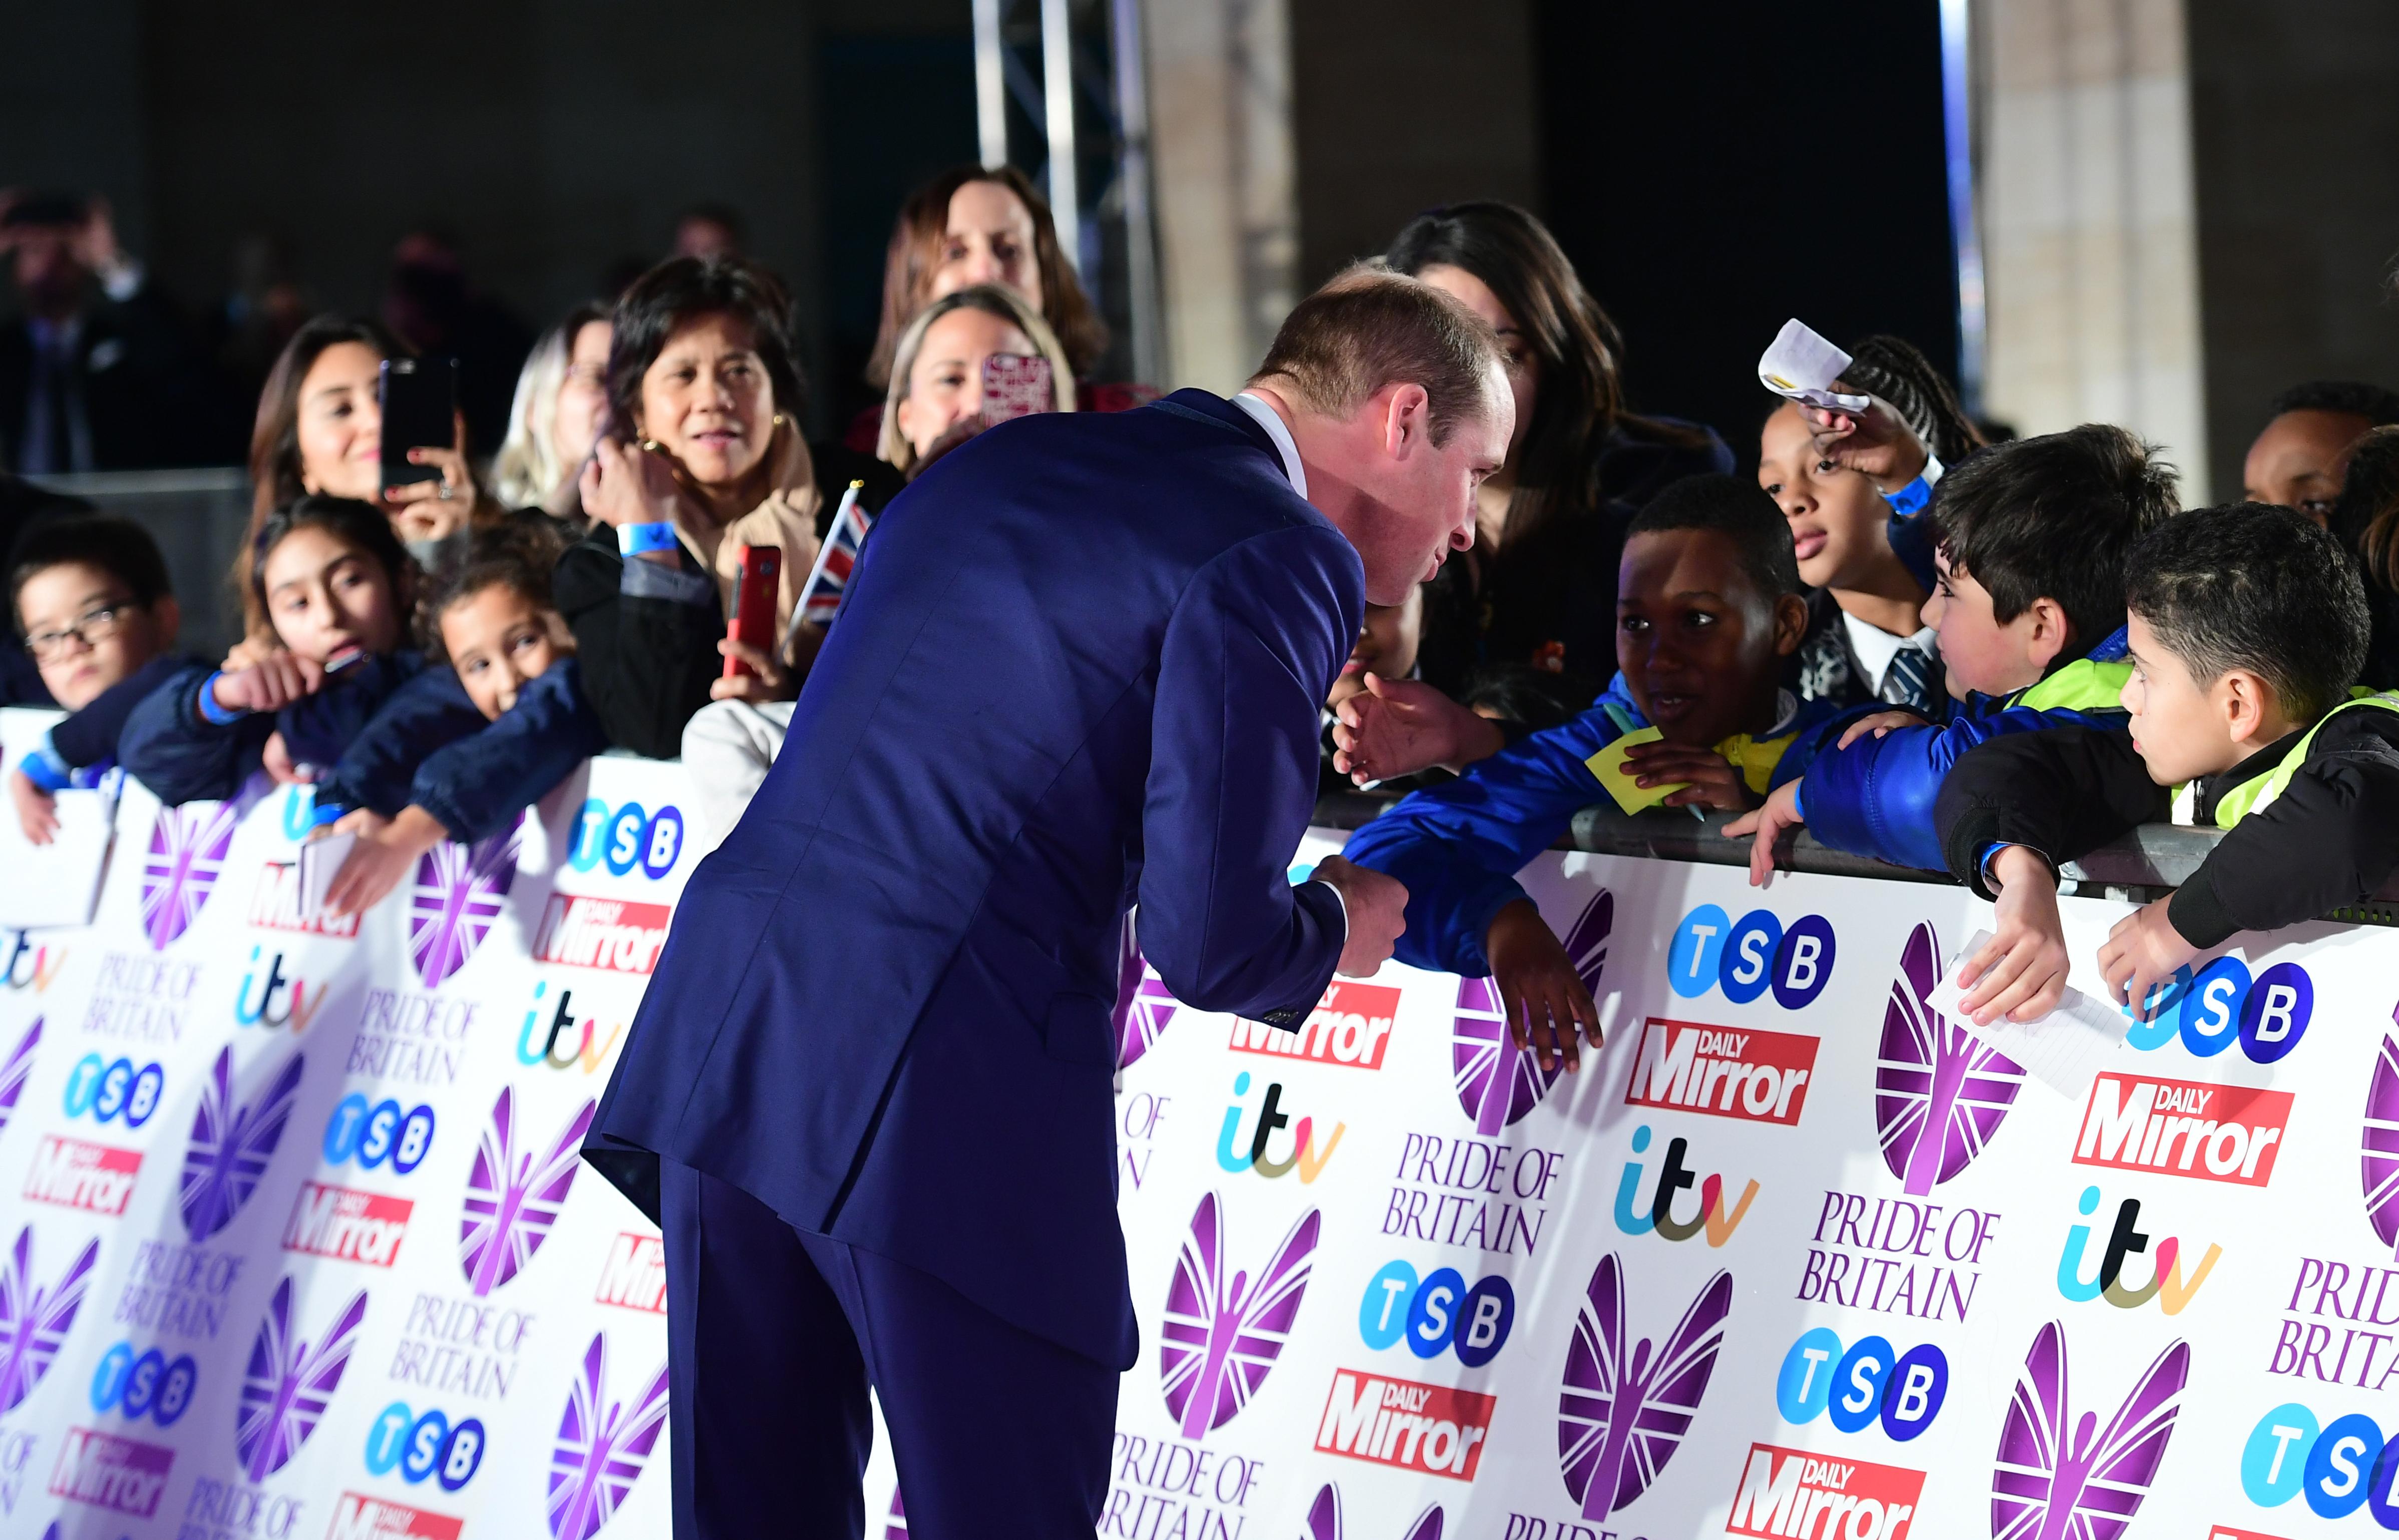 Prince William Pride Of Britain